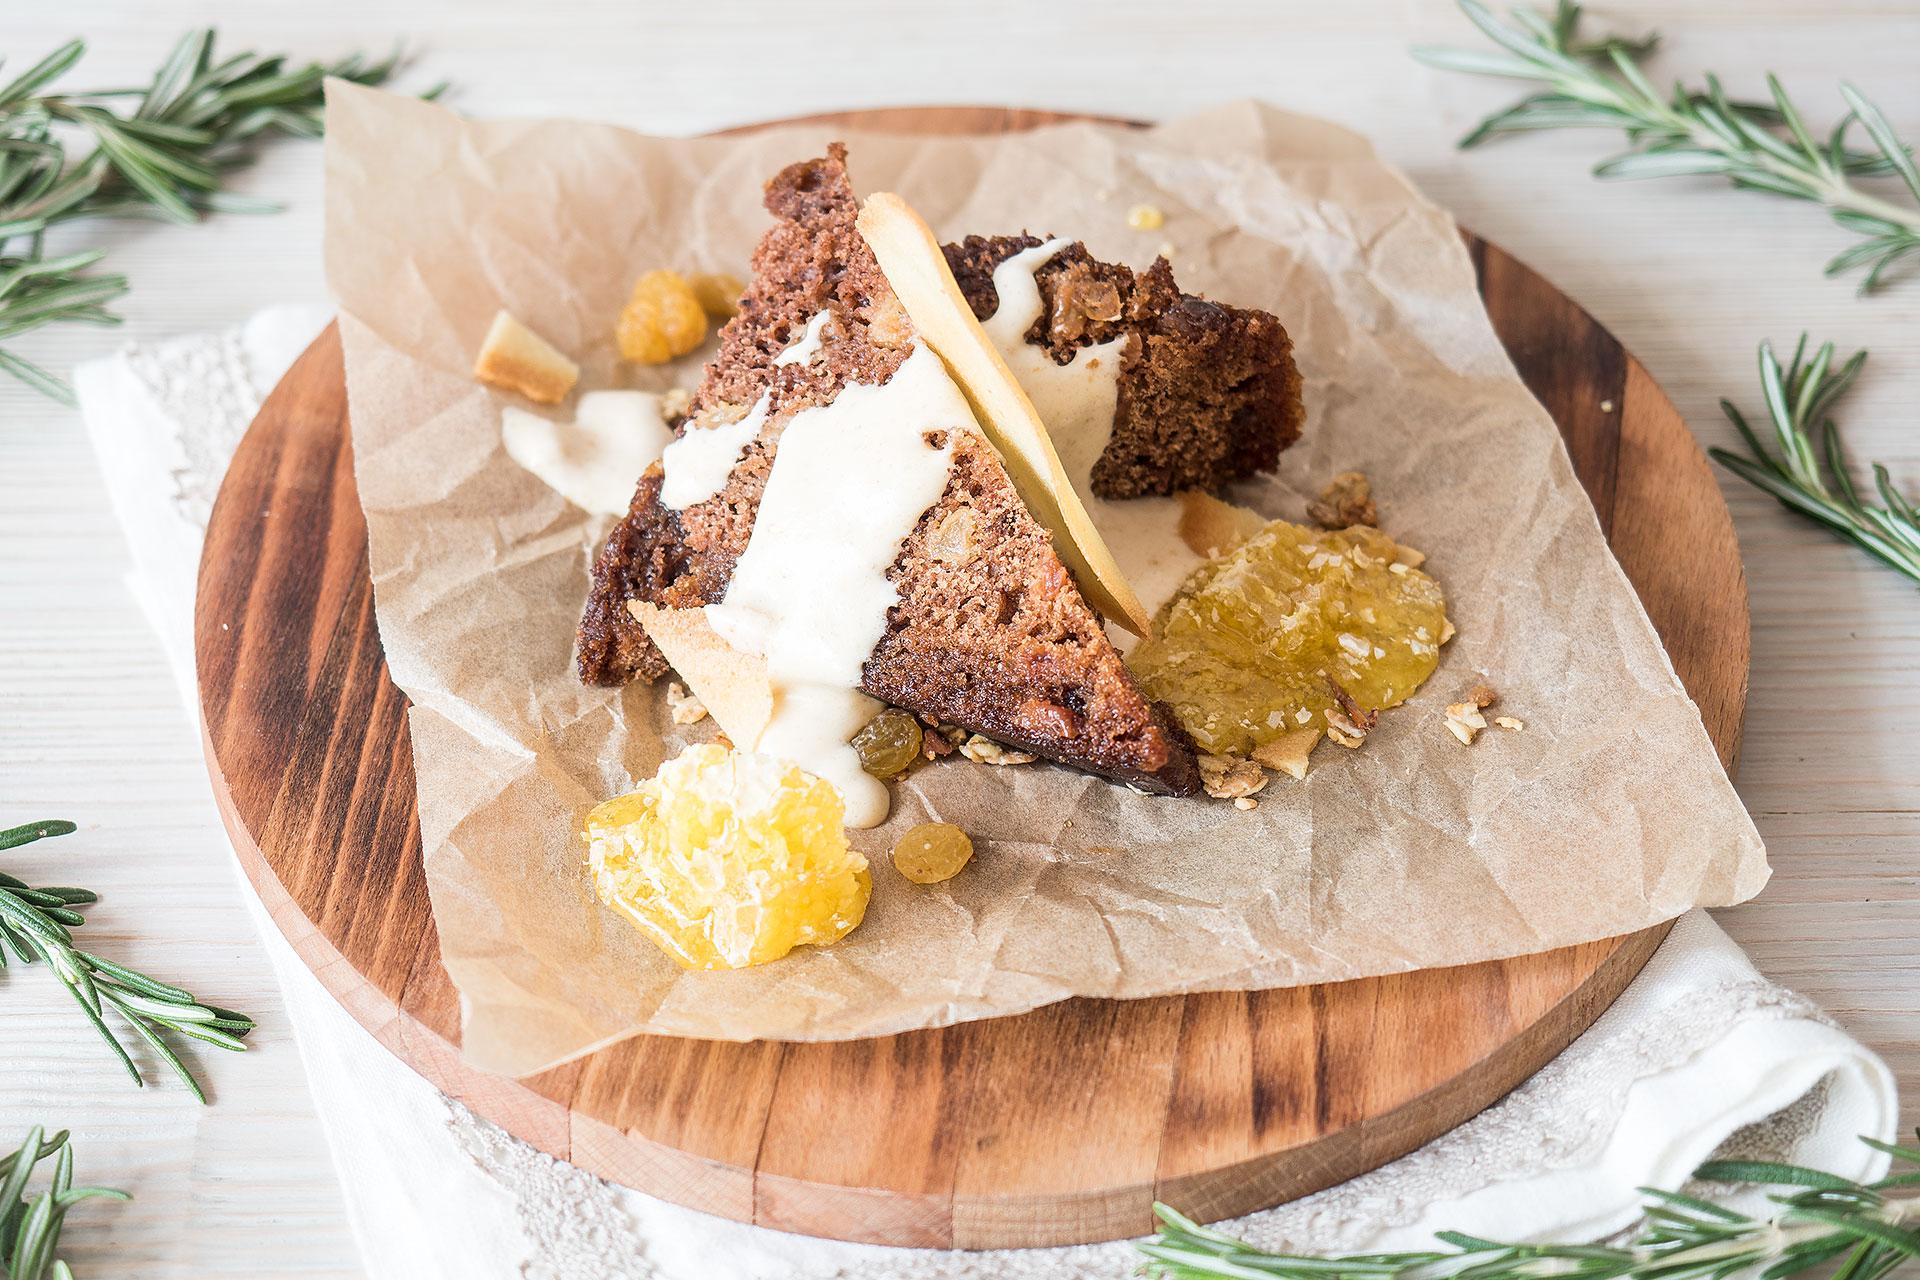 Ресторан Дом-кафе - Монастырская коврижка с соусом из халвы и медовыми сотами